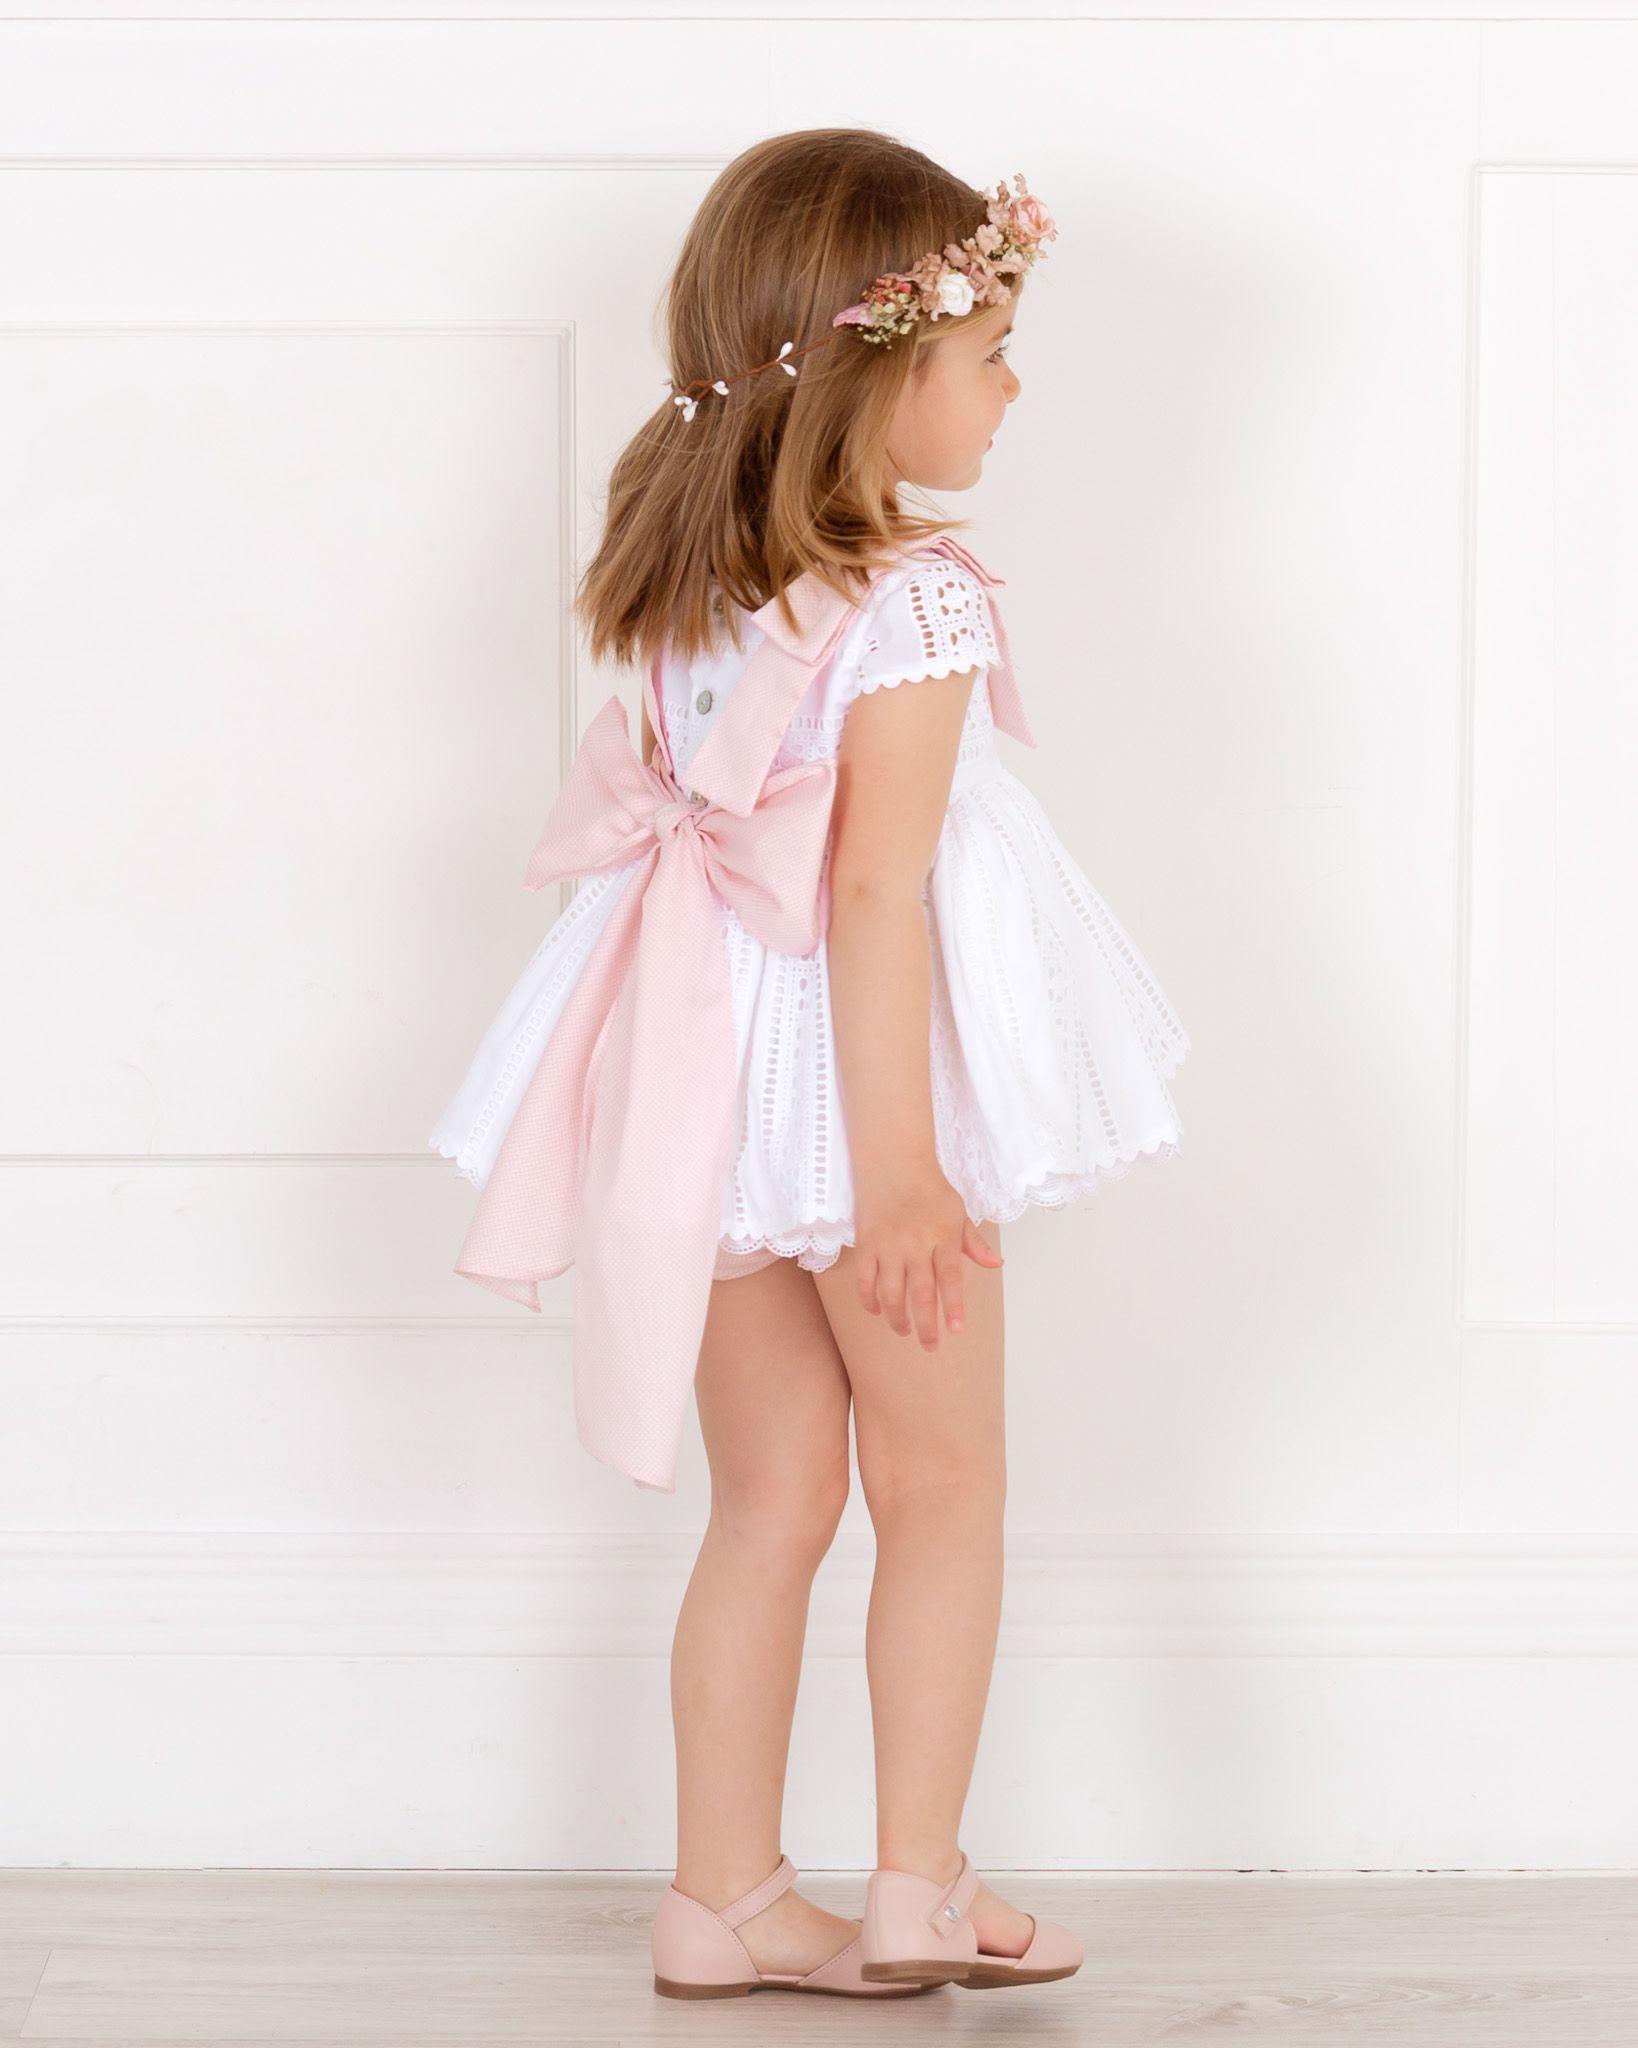 dd3f4b35b Jesusito para niña de la colección Algodón formado por vestido de algodón perforado  de color blanco